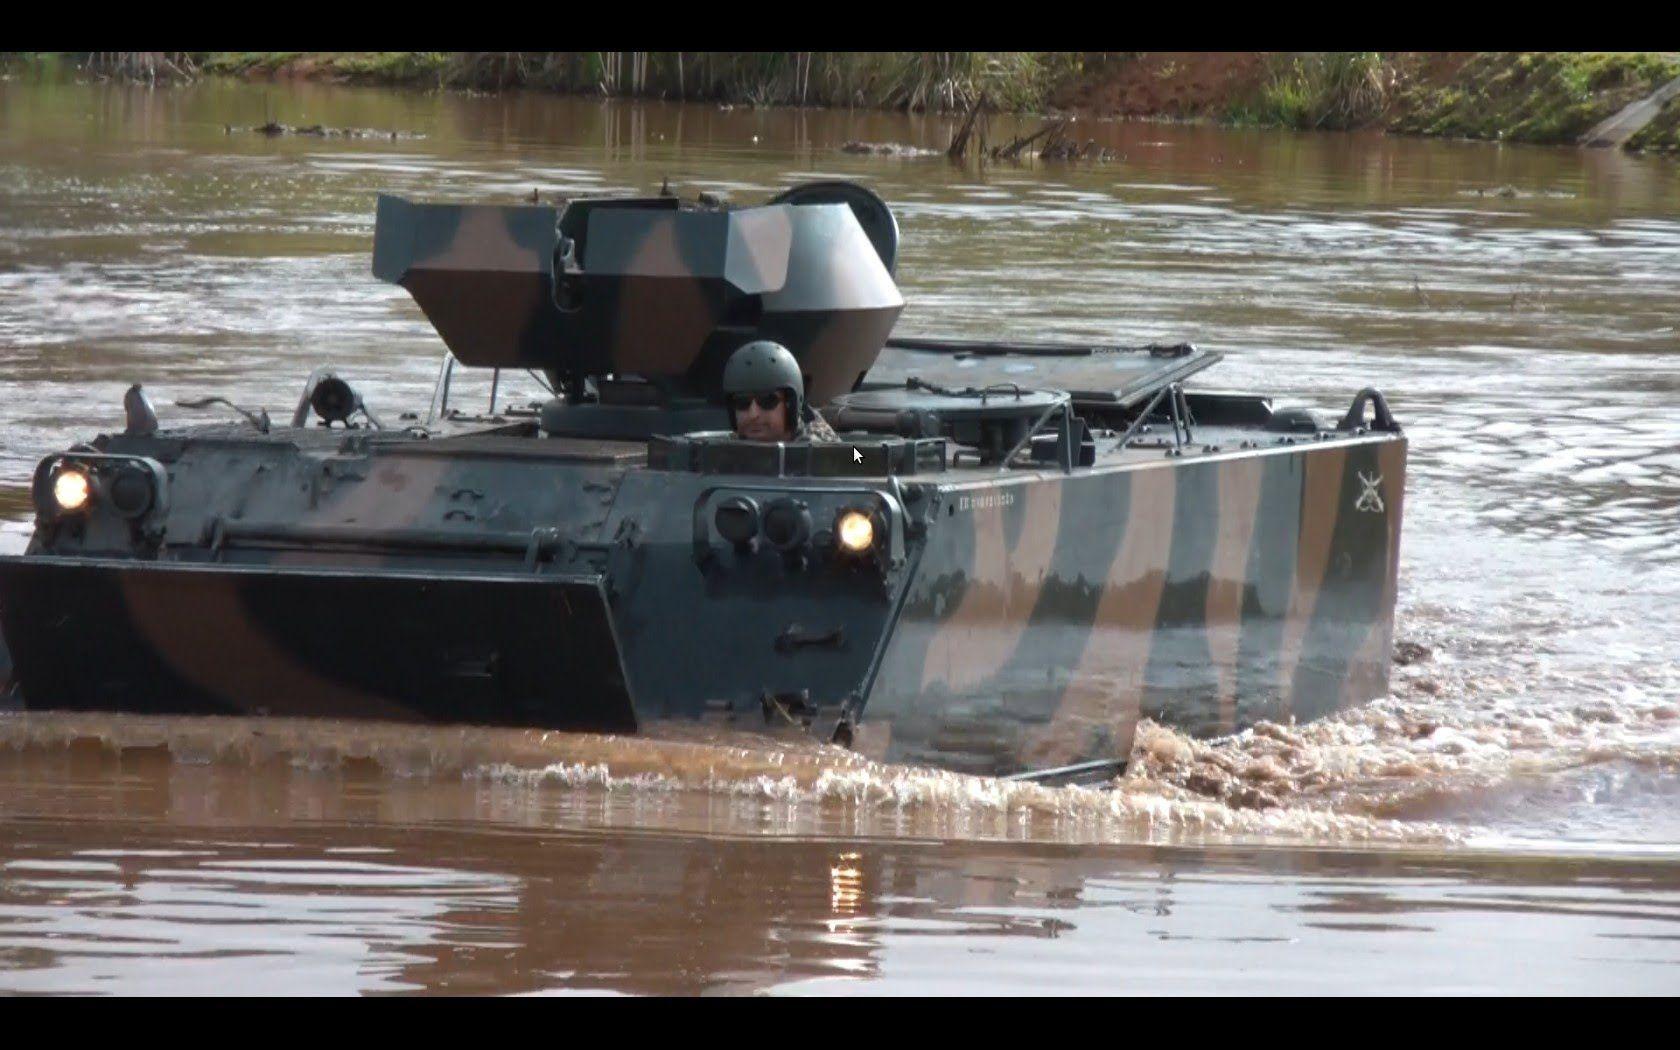 M113 APC - Flutuação - Exército Brasileiro - (FullHD) - panzer